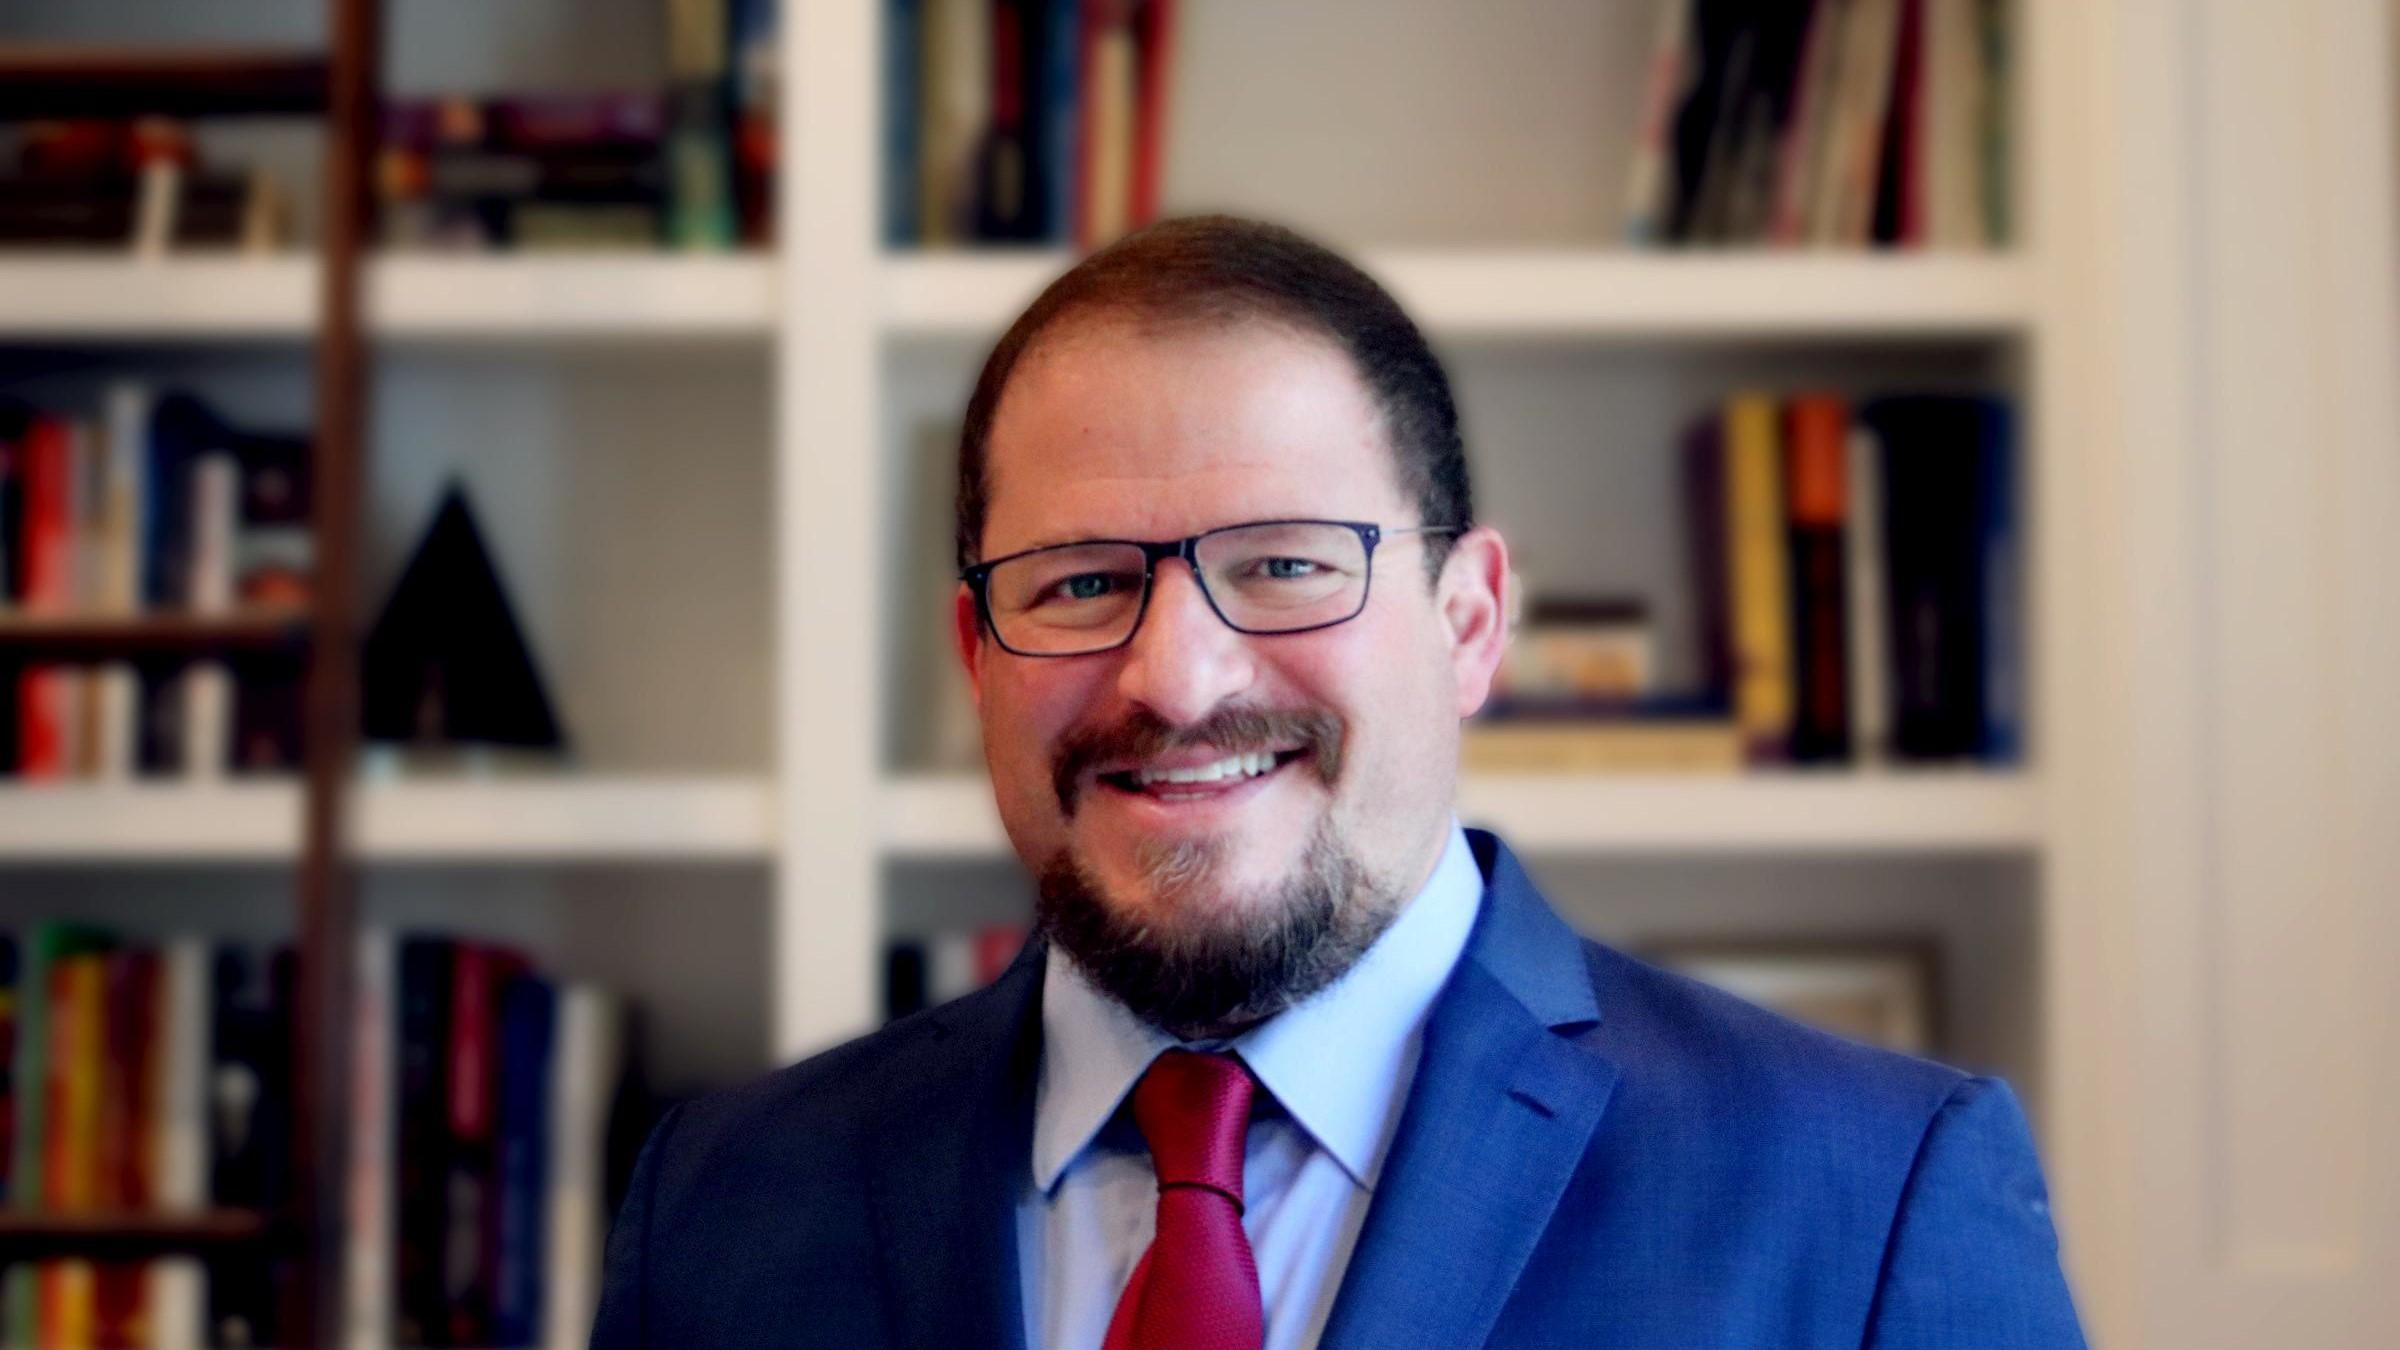 Cristiano Amon Qualcomm CEO